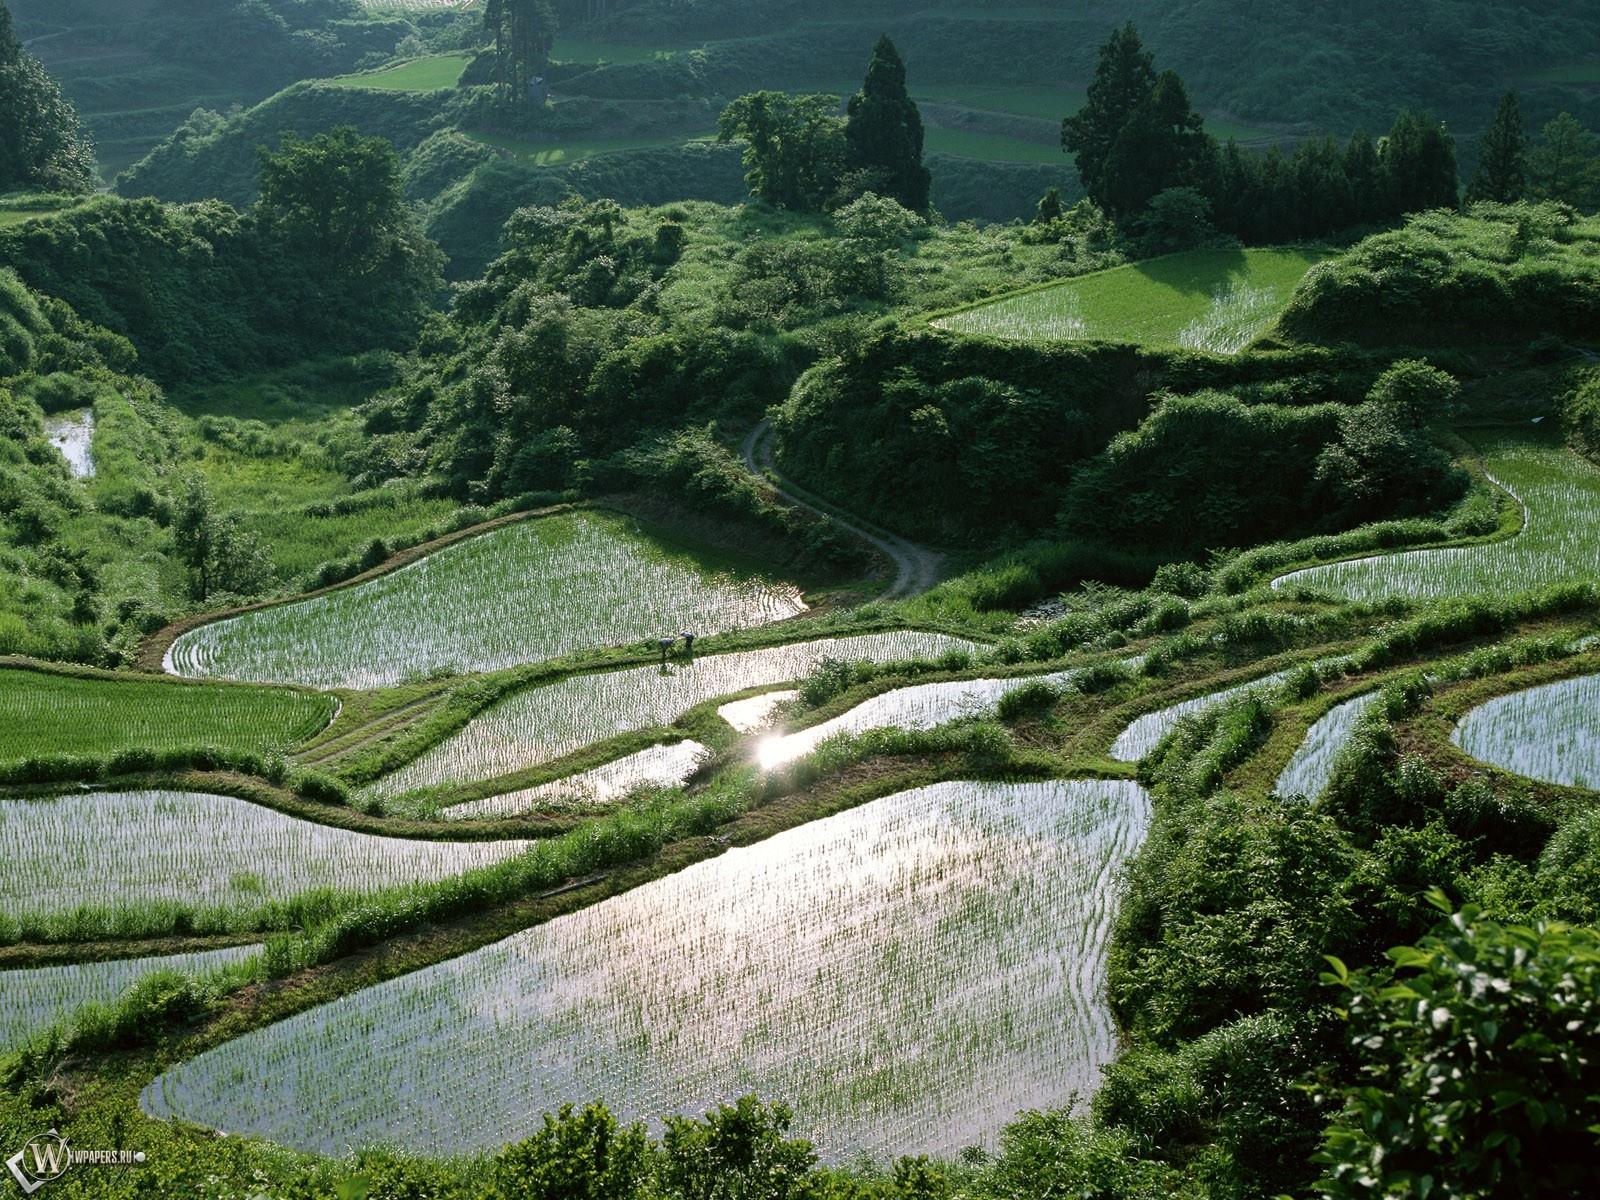 Рисовые поля 1600x1200